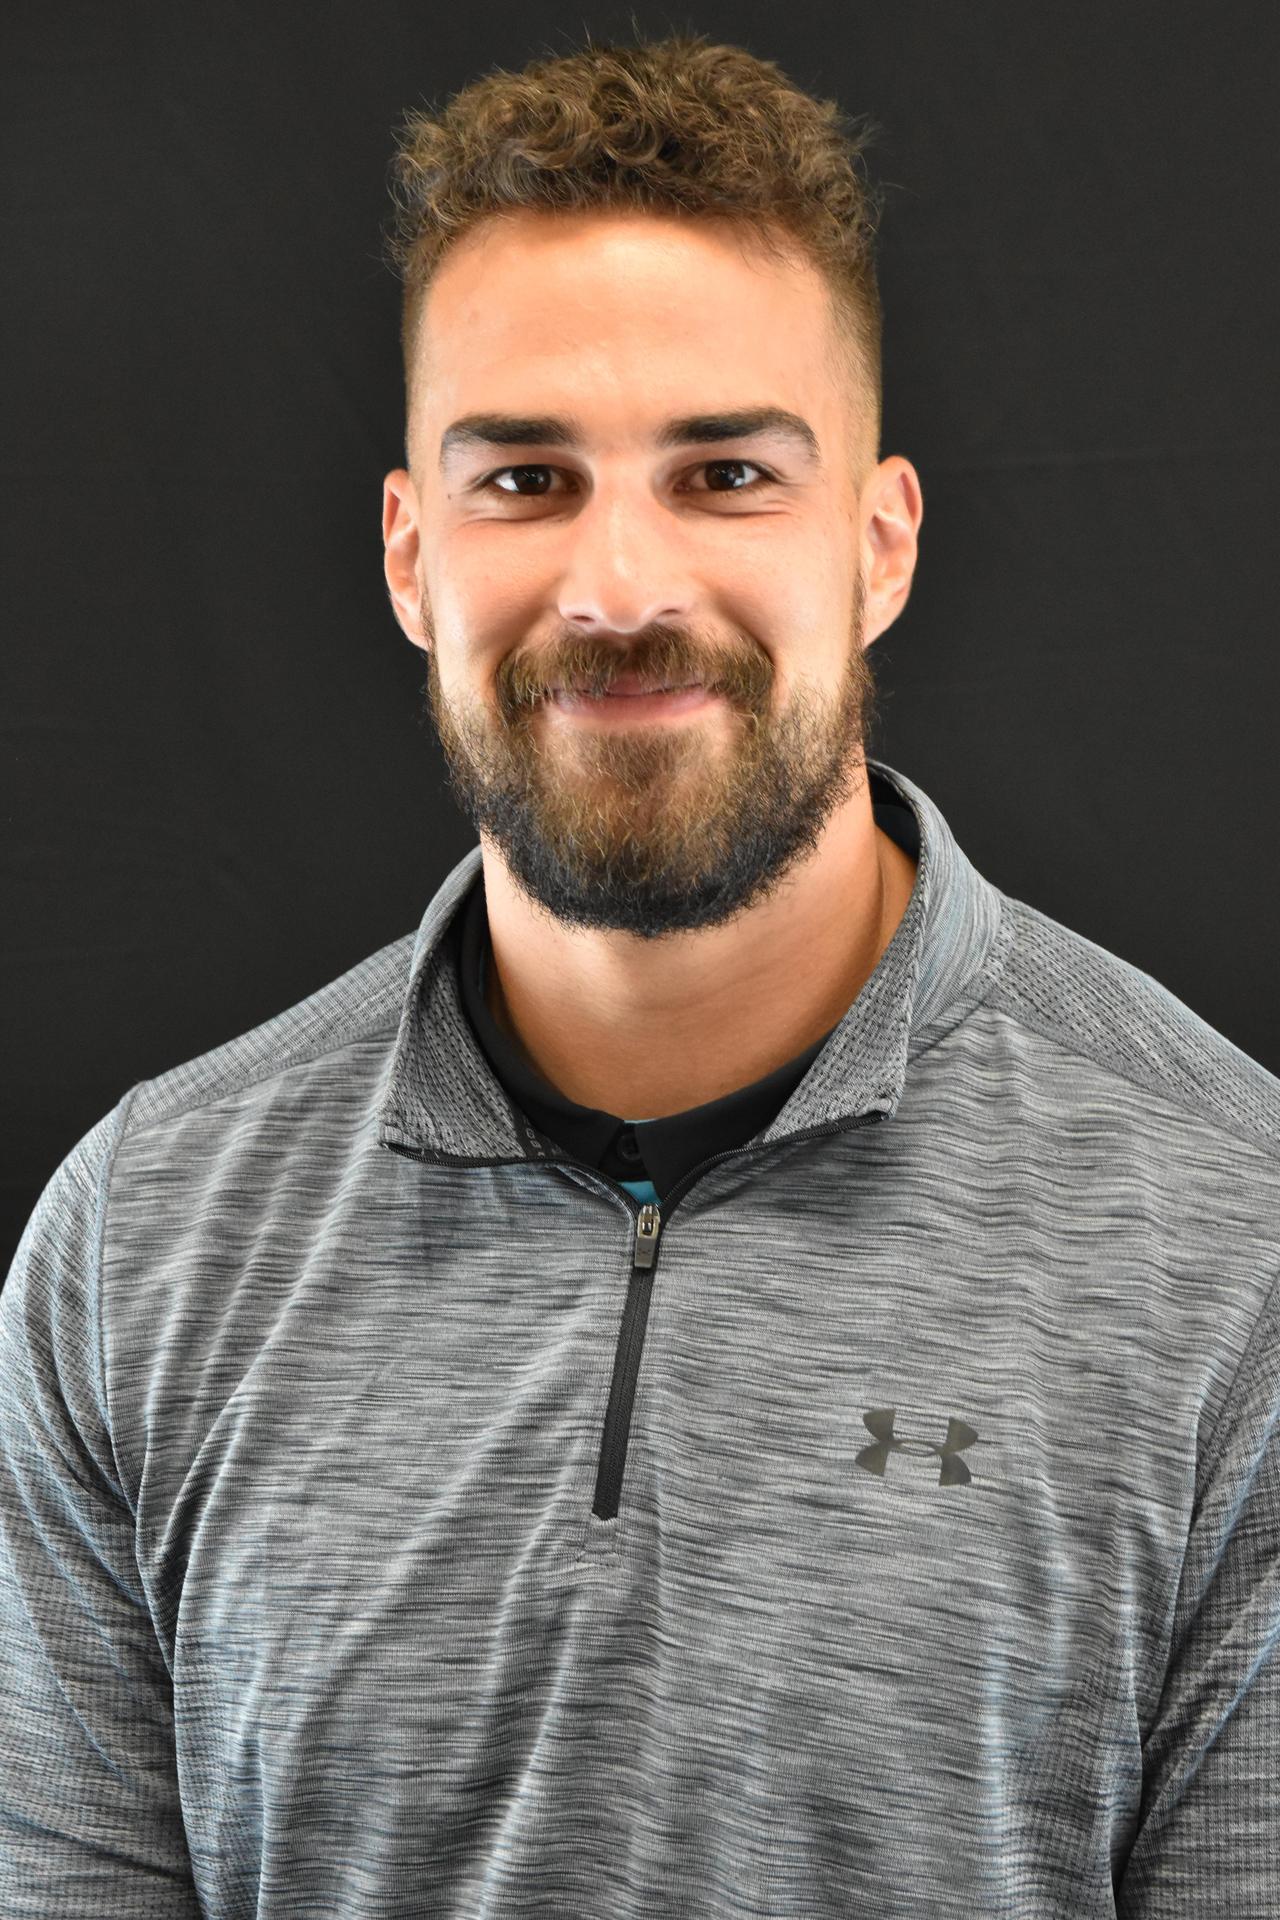 coach gillmore